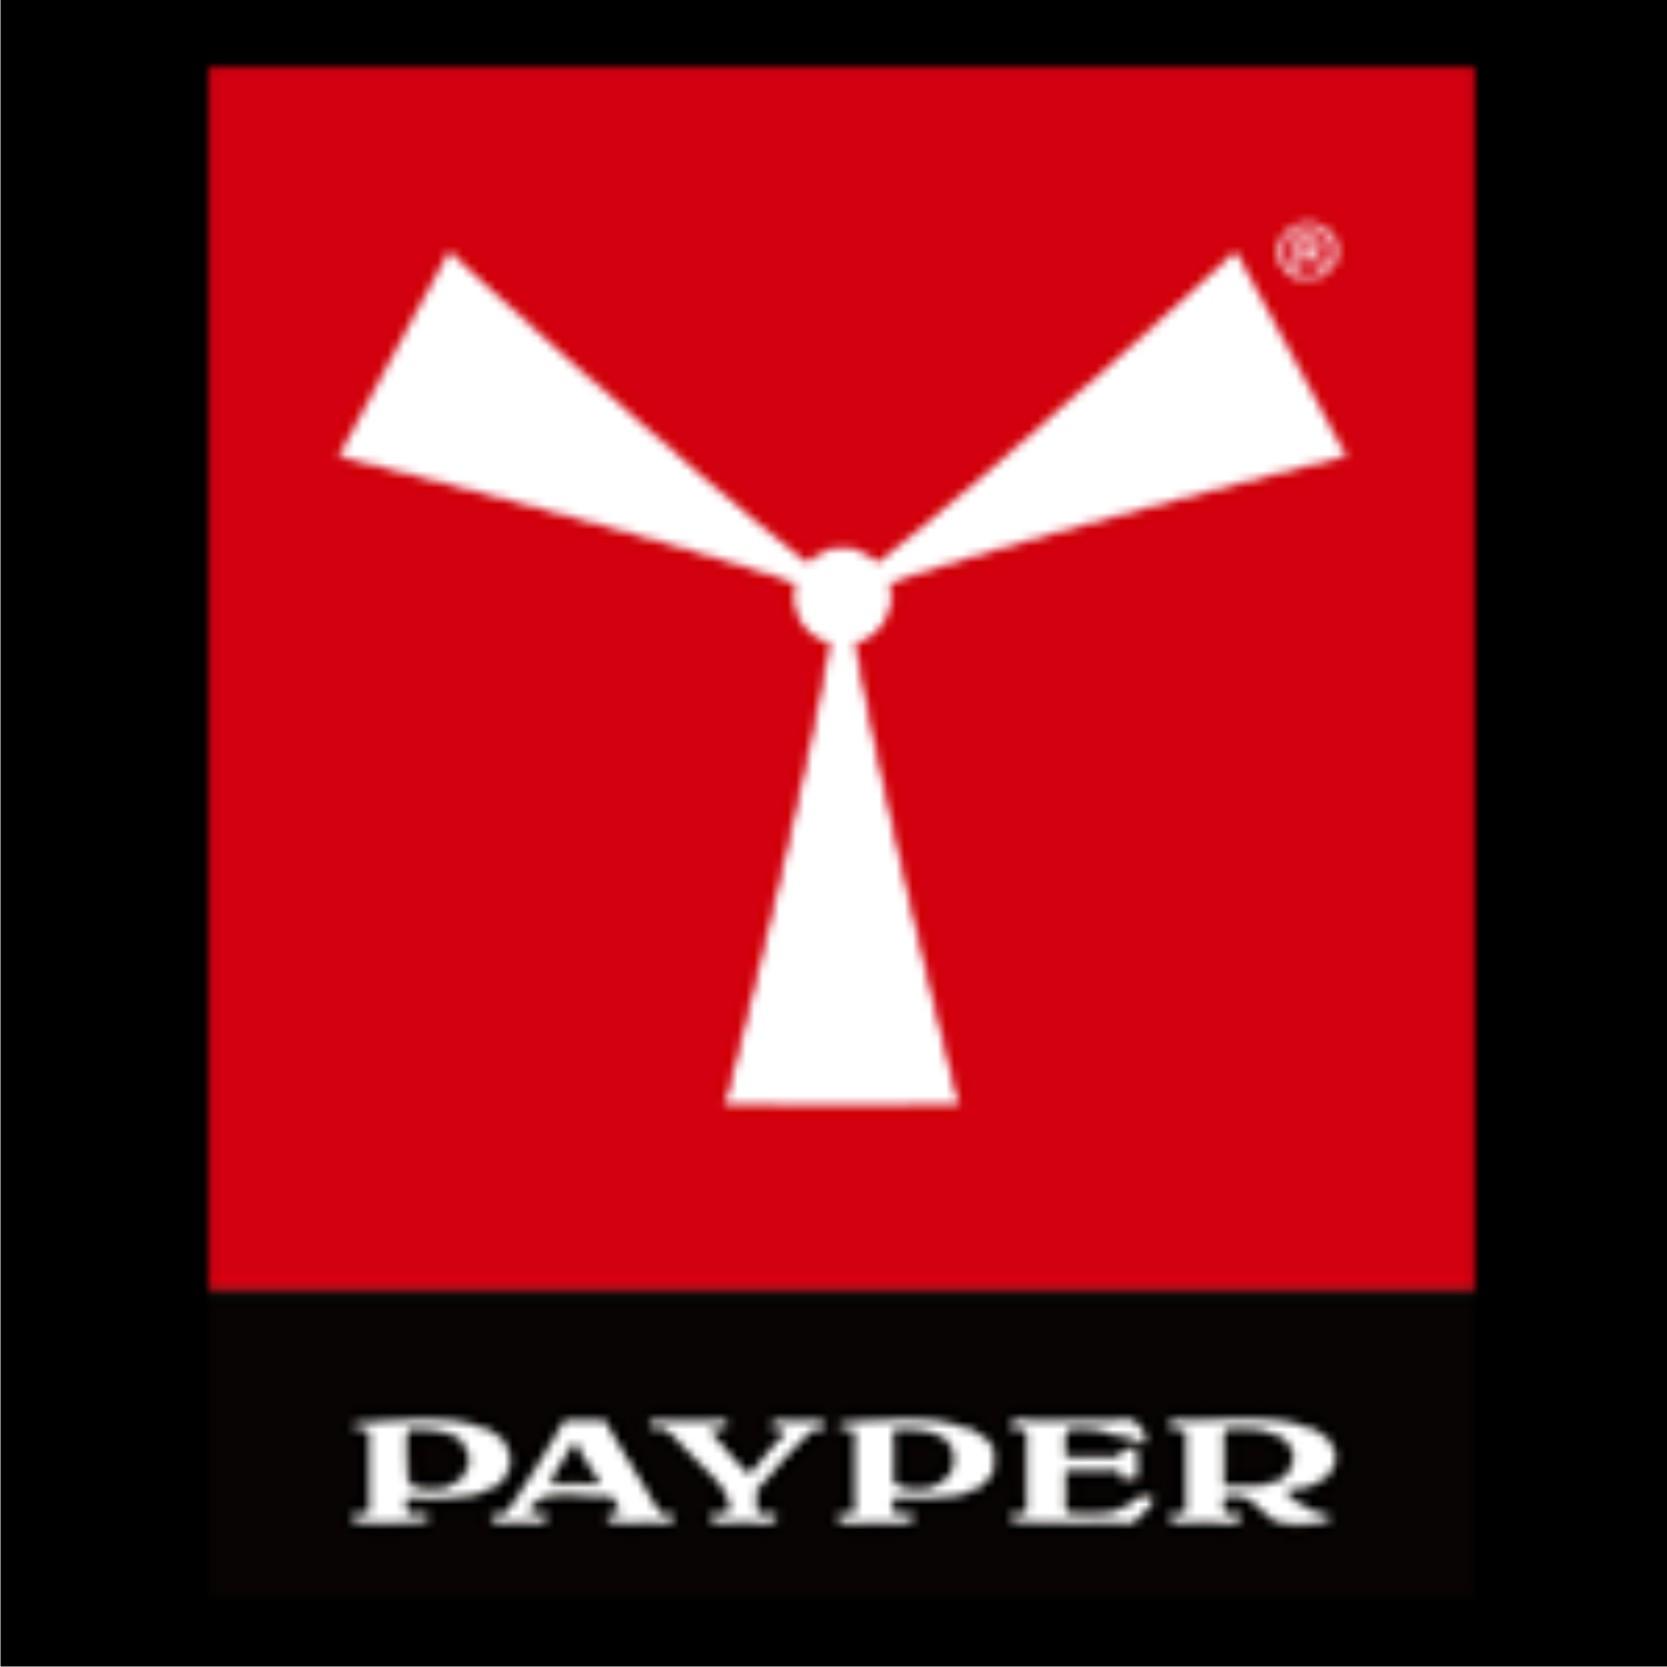 Payper_Wear